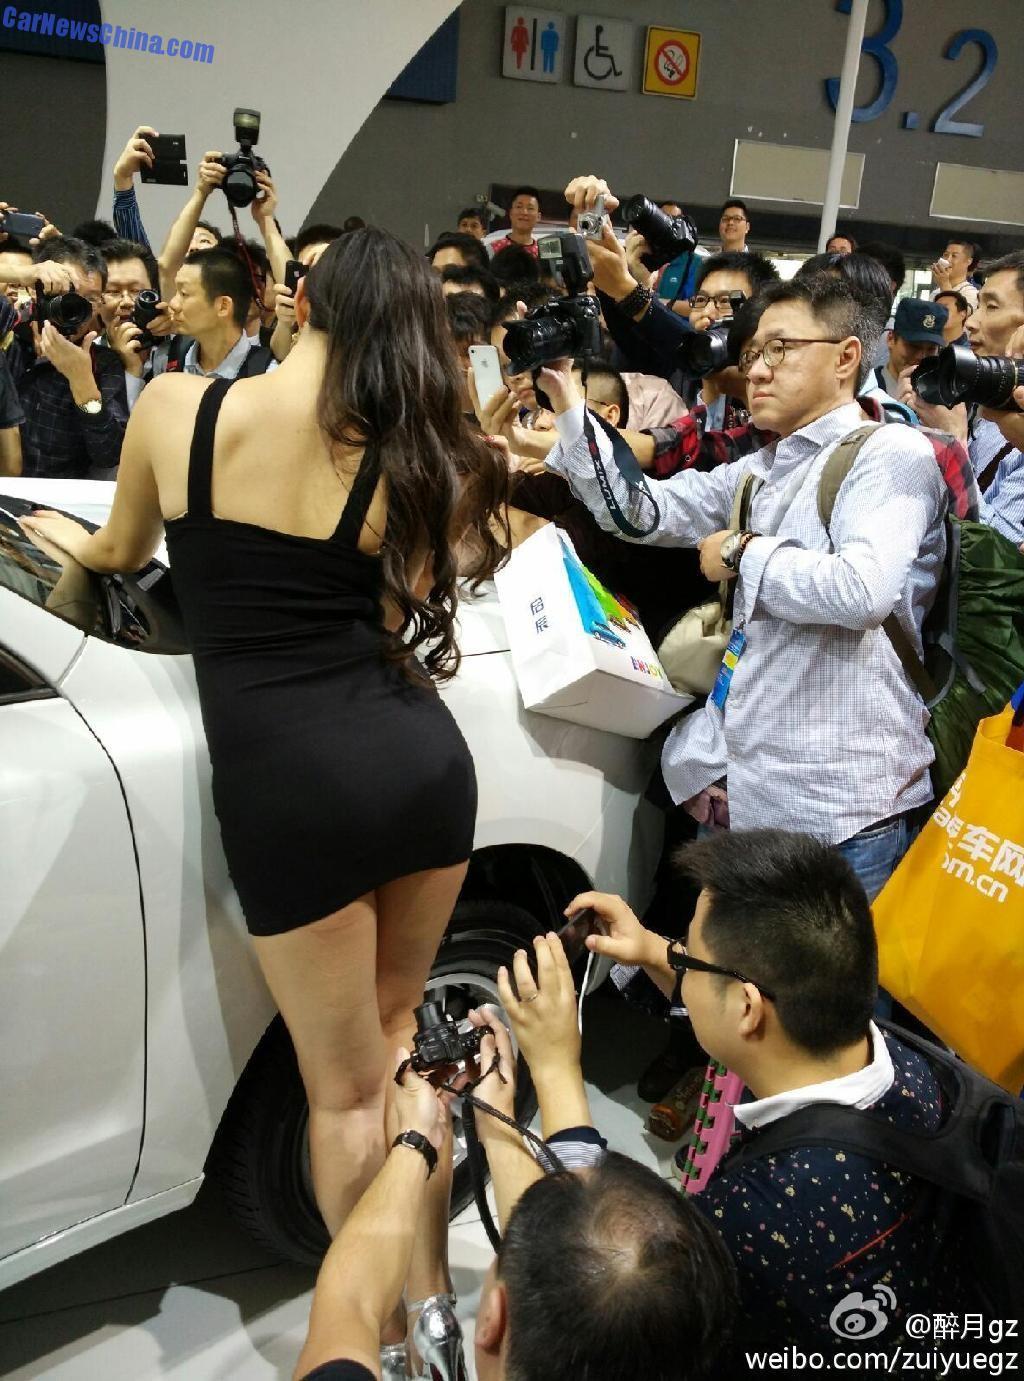 show girls ass Car